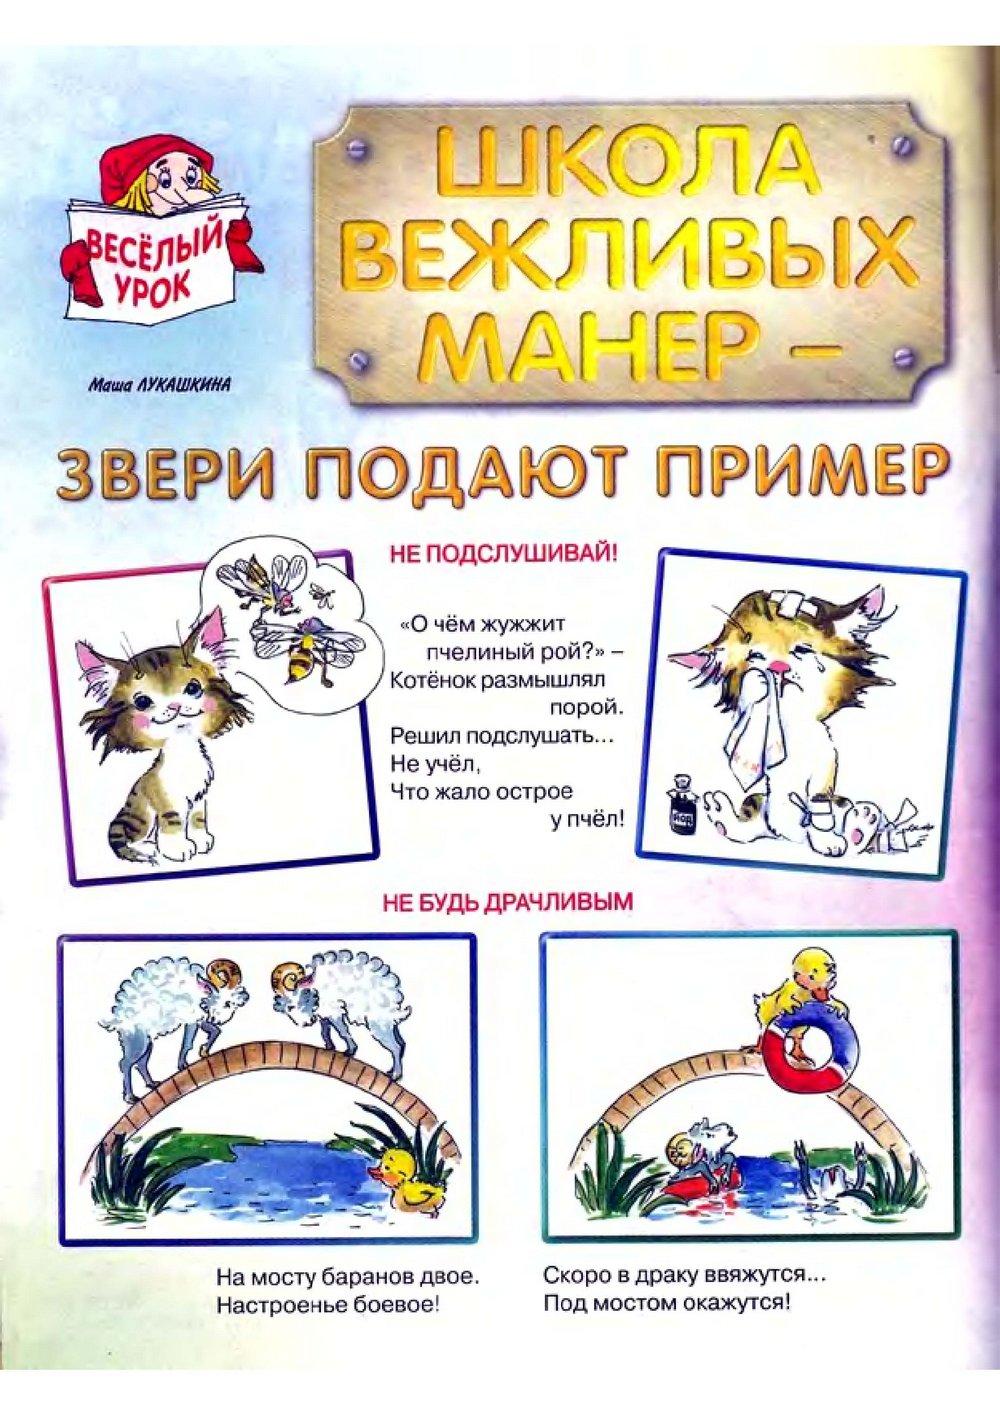 http://images.vfl.ru/ii/1367149448/3bf15dfe/2237800.jpg